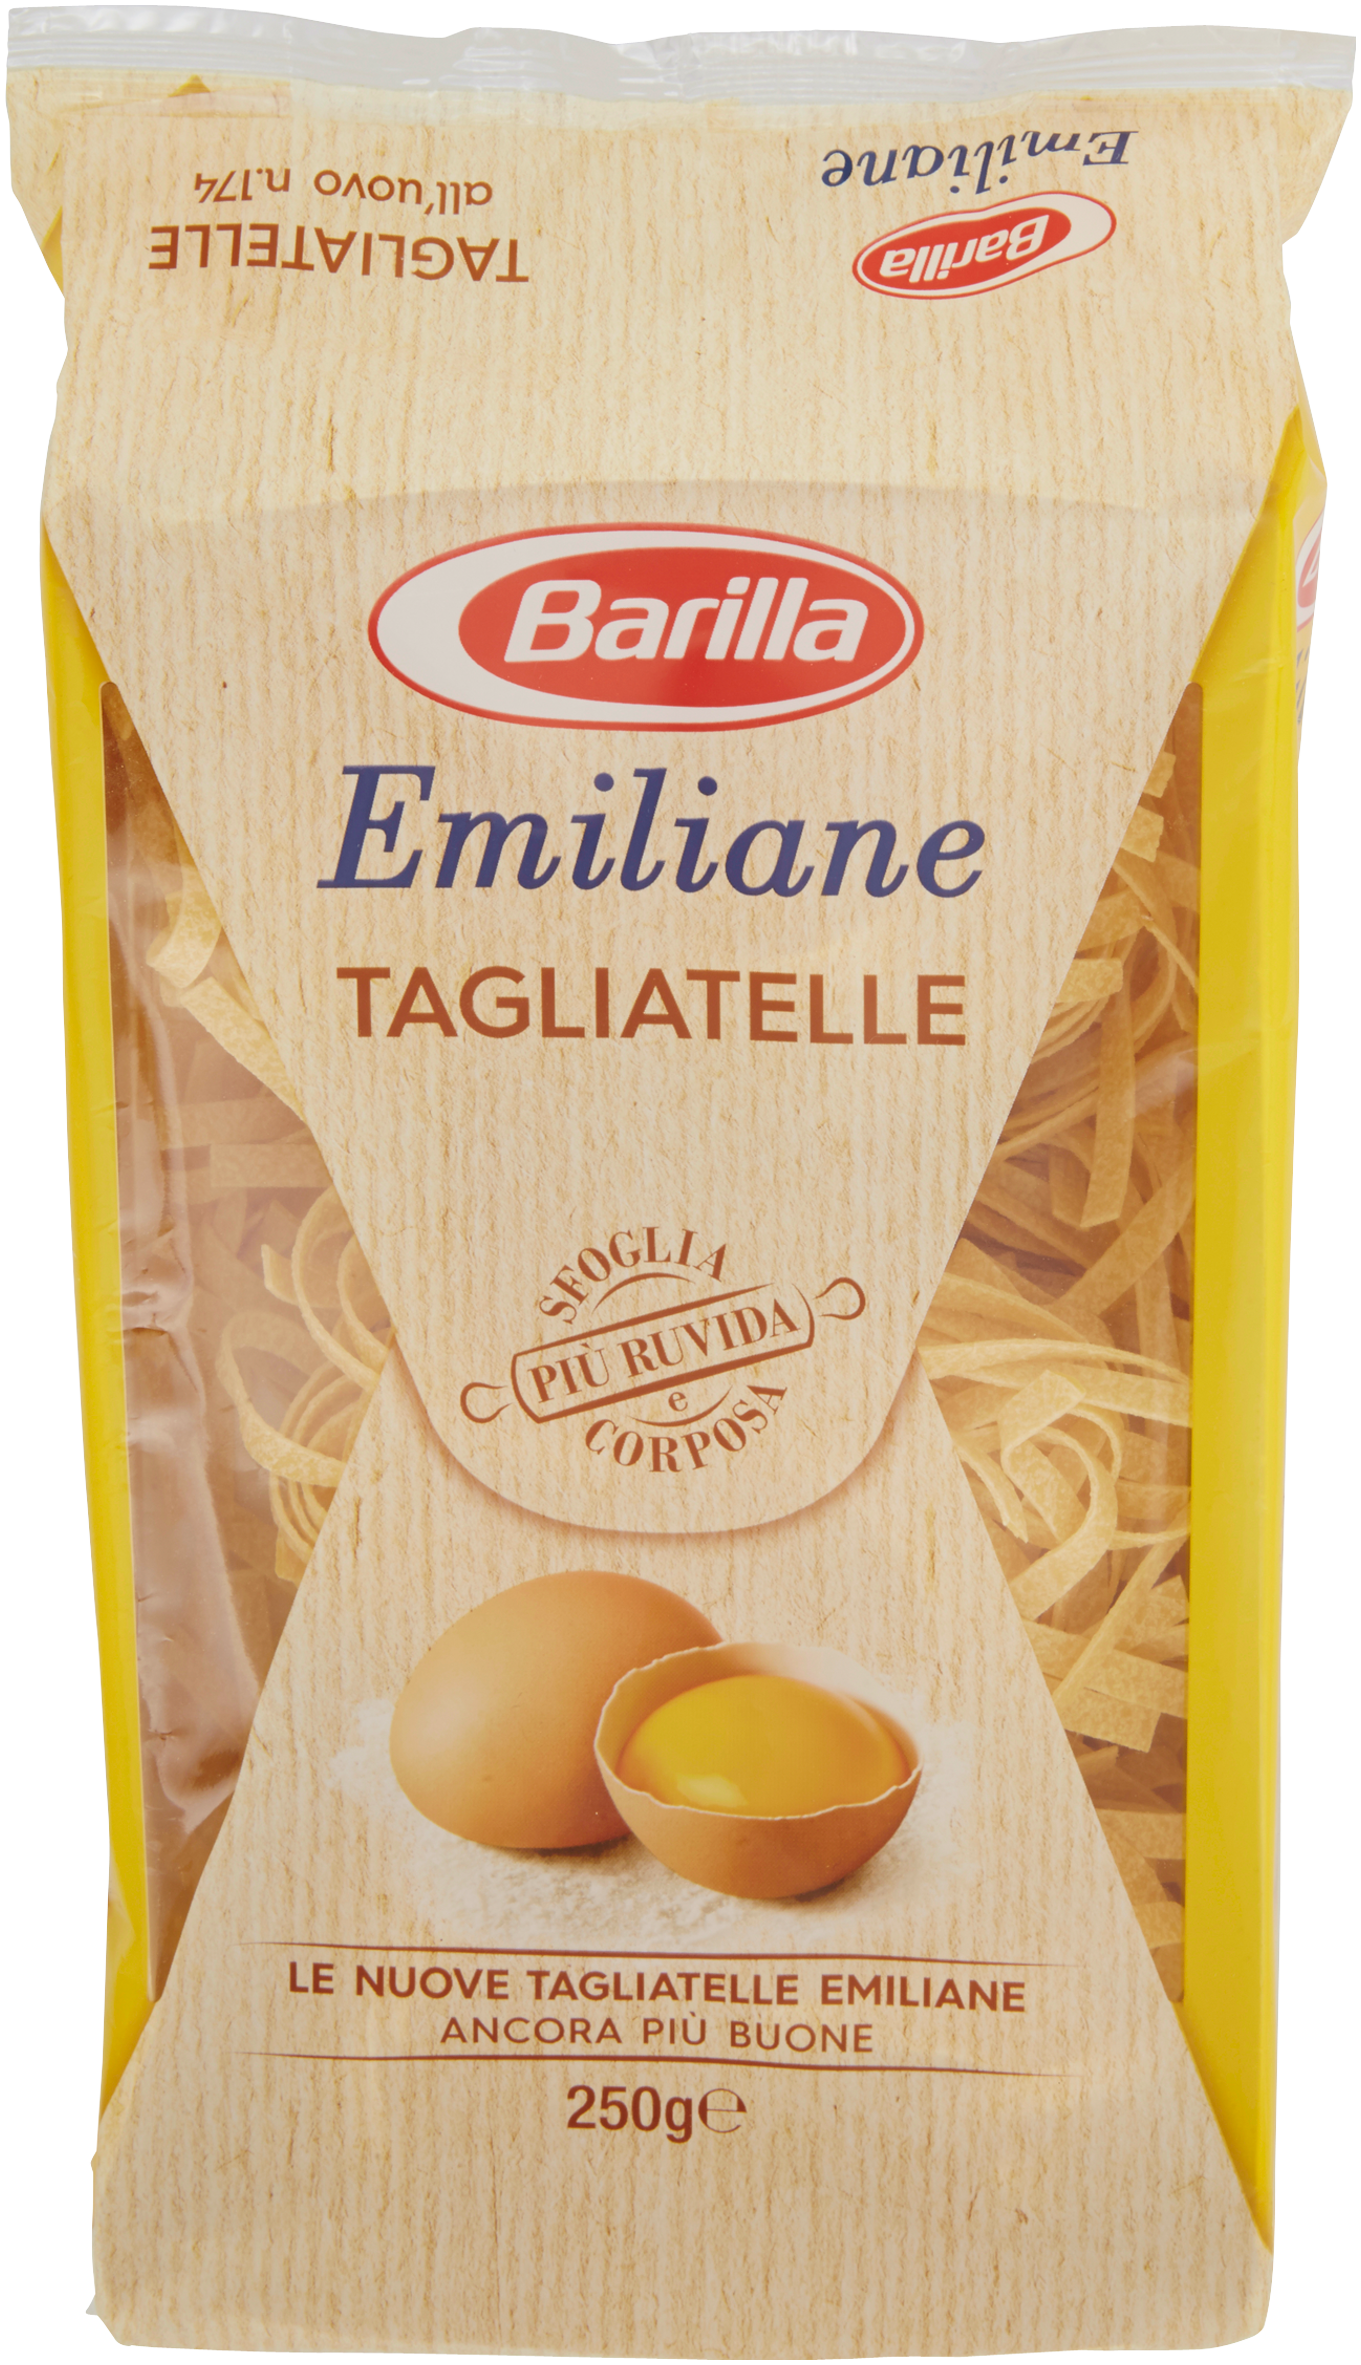 Barilla Emiliane Tagliatelle all'uovo 250g